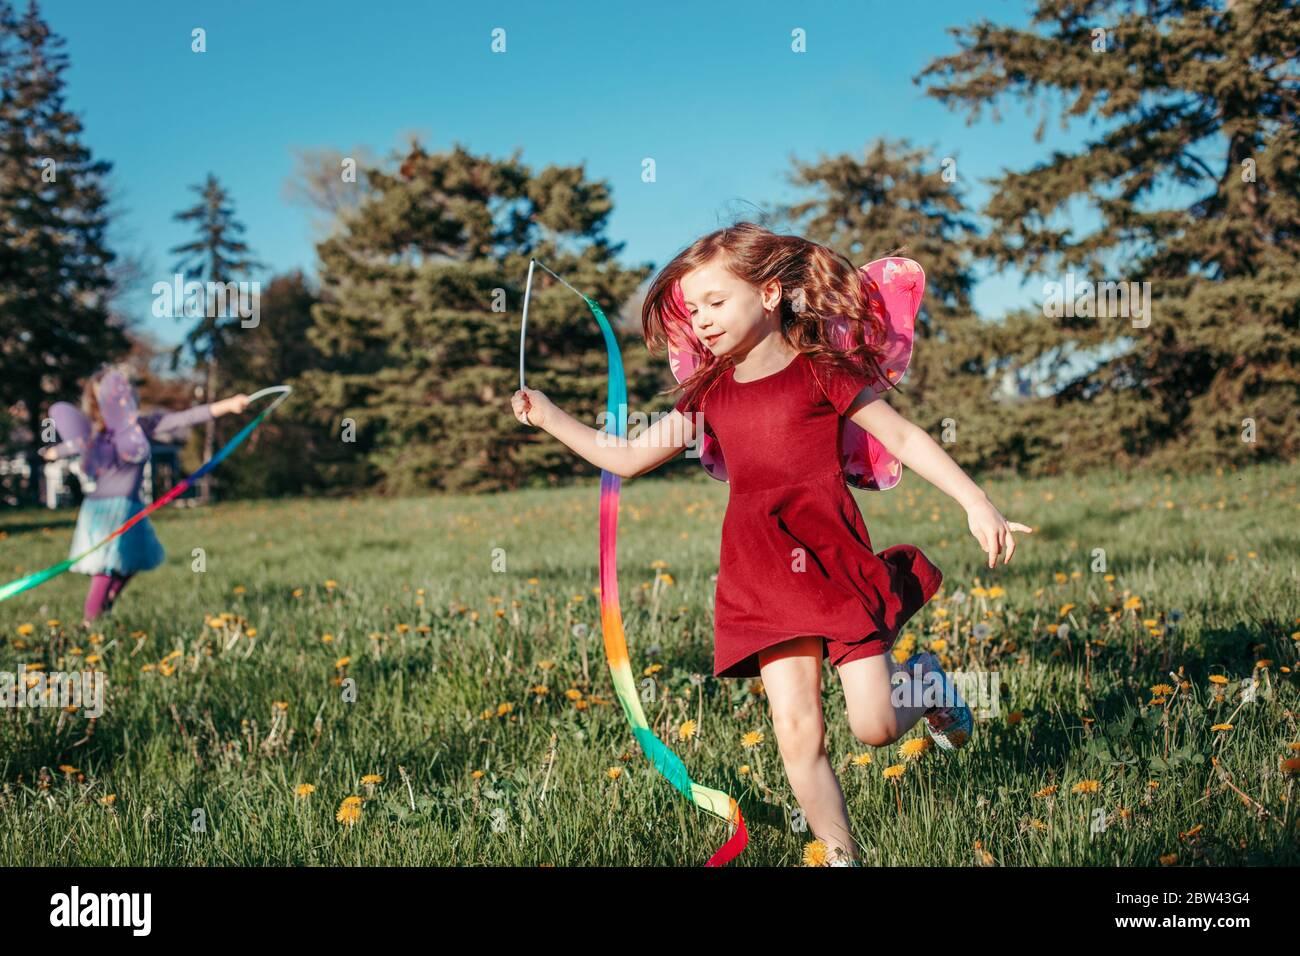 Niños felices niñas jugando con cintas en el parque. Unos niños adorables corriendo en el prado jugando juntos. Actividades al aire libre en el patio trasero para niños. H Foto de stock